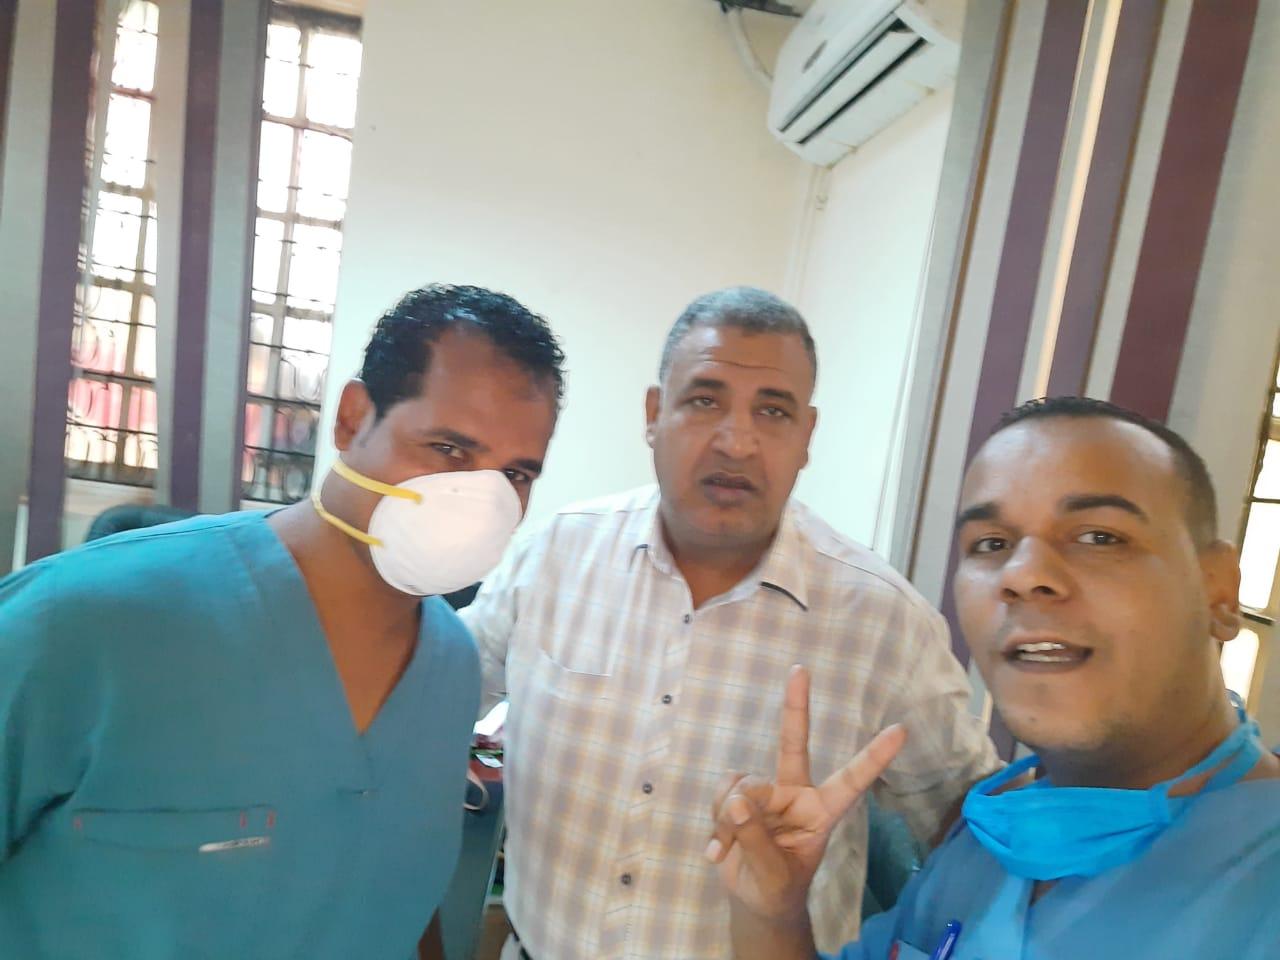 عملية جراحية جديدة لمصاب بفيروس كورونا داخل مستشفى الأقصر العام (6)